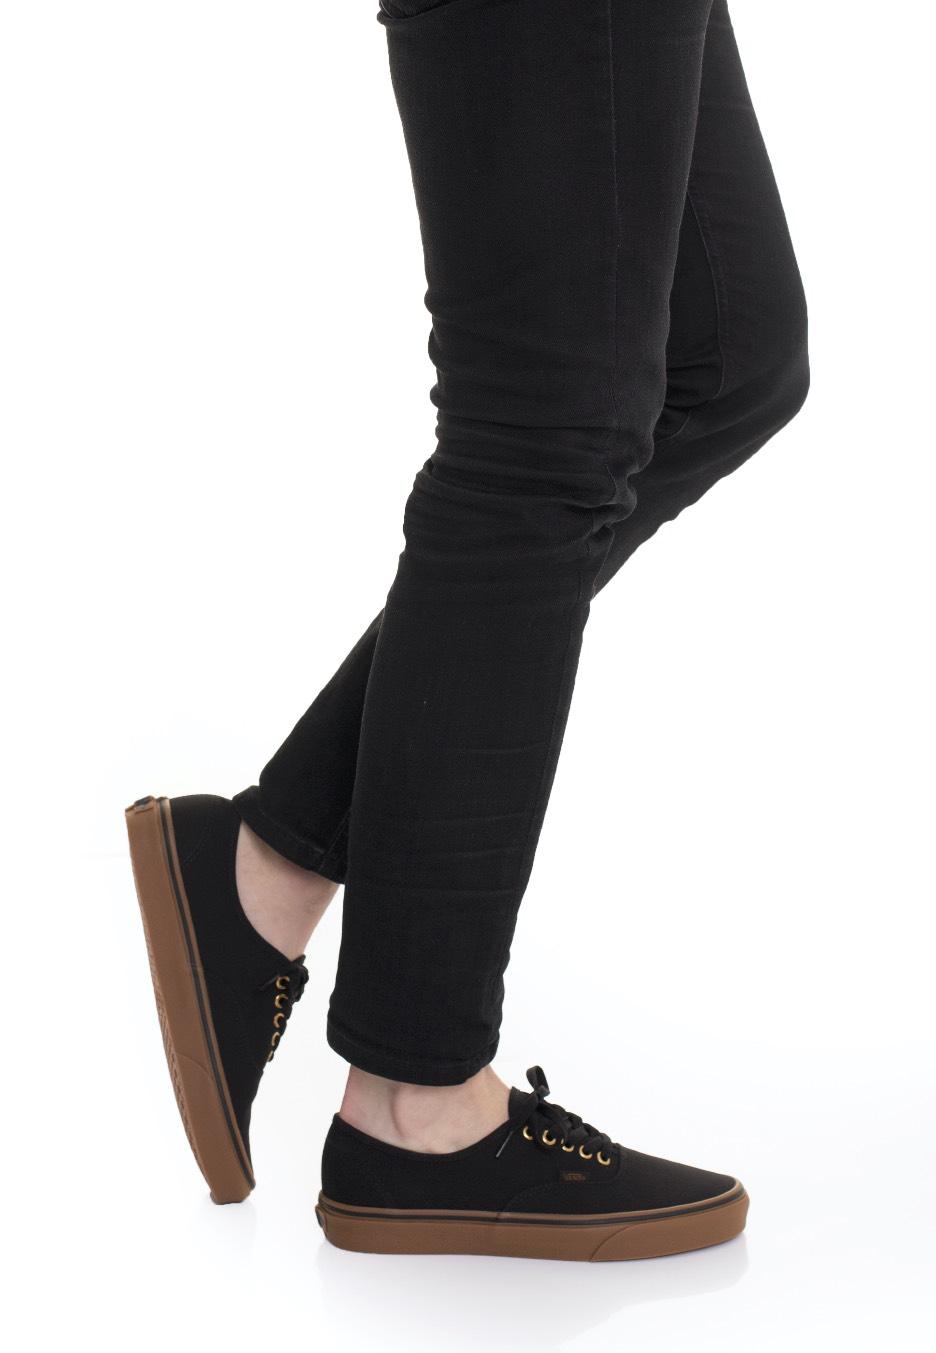 Vans - Authentic Black/Rubber - Zapatos - Impericon.com ES